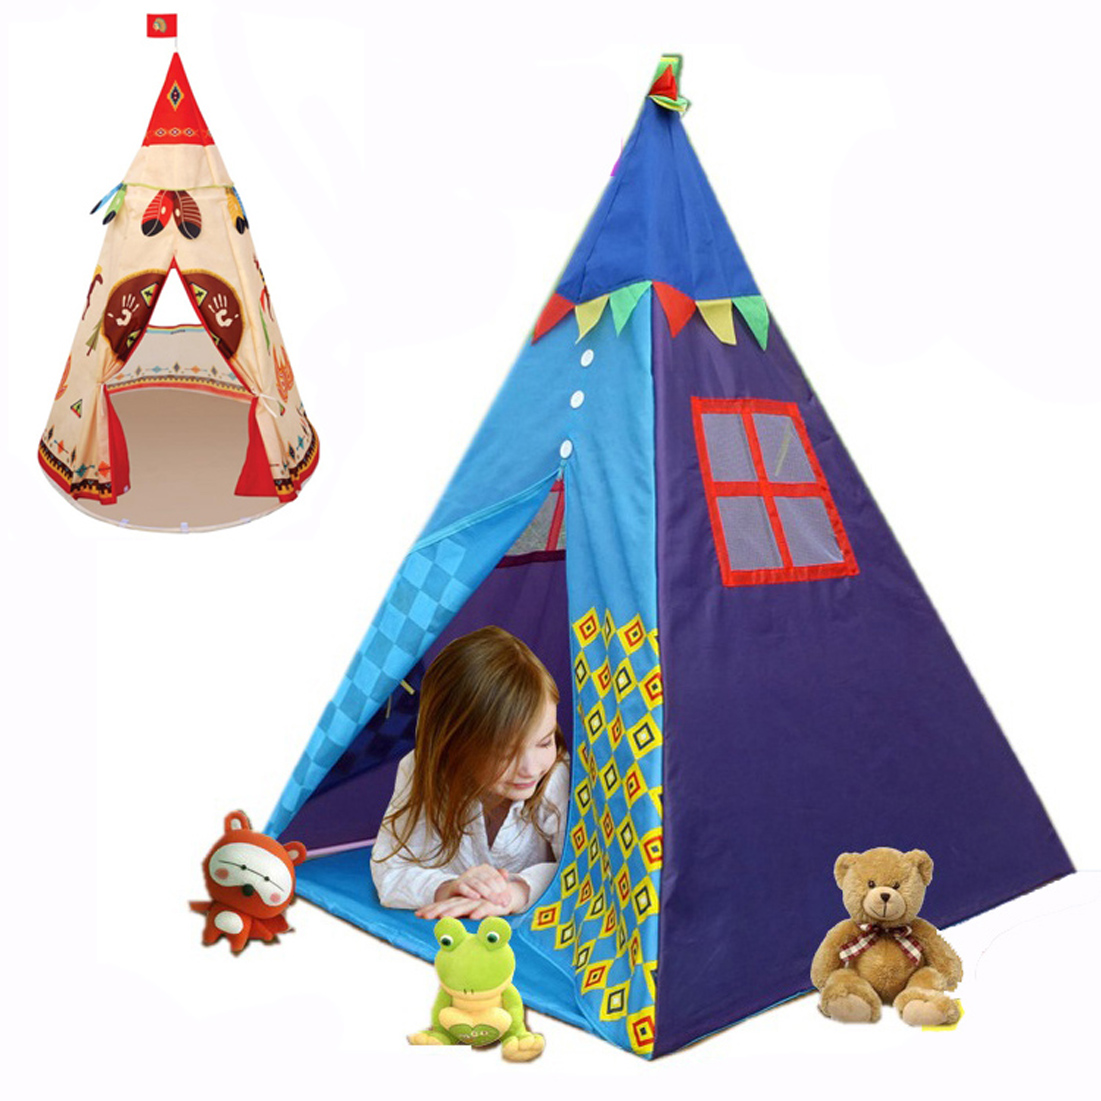 Nouvelle tente de tipi princesse indien maison de jeu intérieur extérieur tente de jeu pour les filles et les garçons jouent jeu de rôle